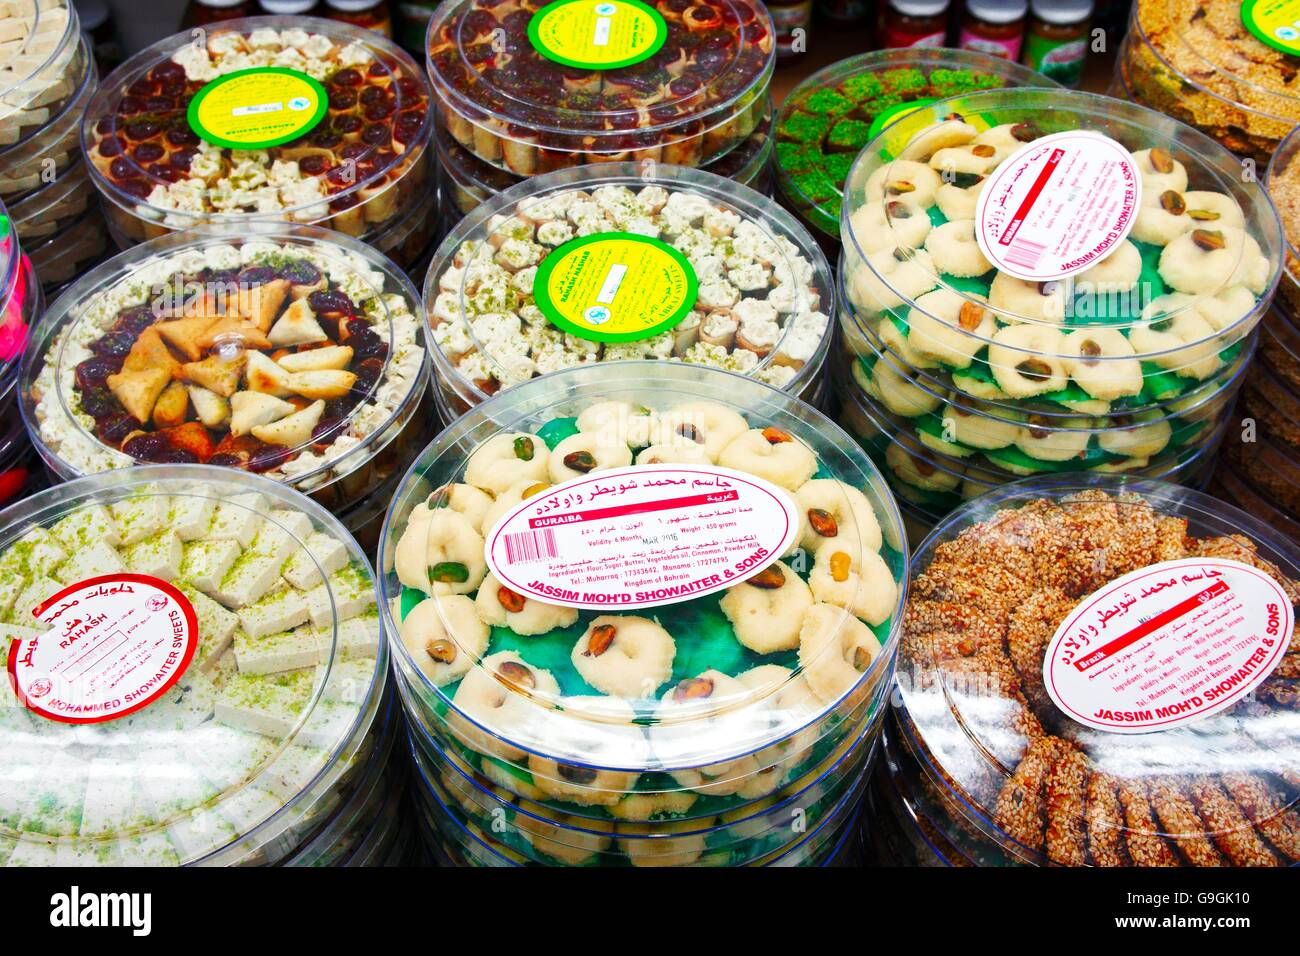 La célèbre Hussain Mohammed. muhurraq showaiter sweets shop, Bahreïn. rosewater, traditionnels, de Photo Stock